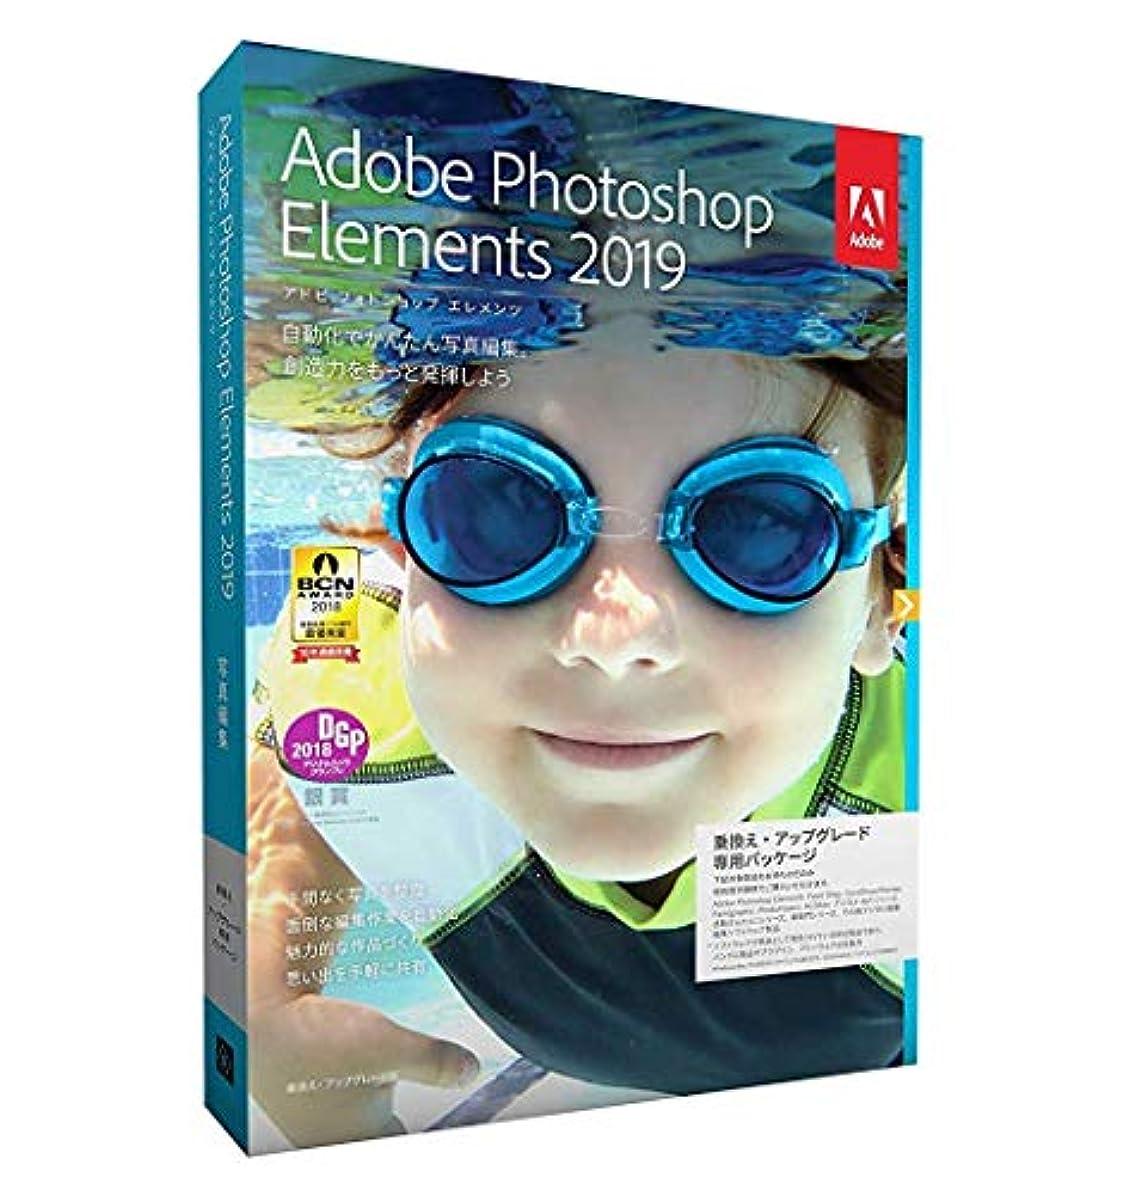 着飾る吐く呼びかけるPhotoshop Elements 2019 日本語版 UPG版